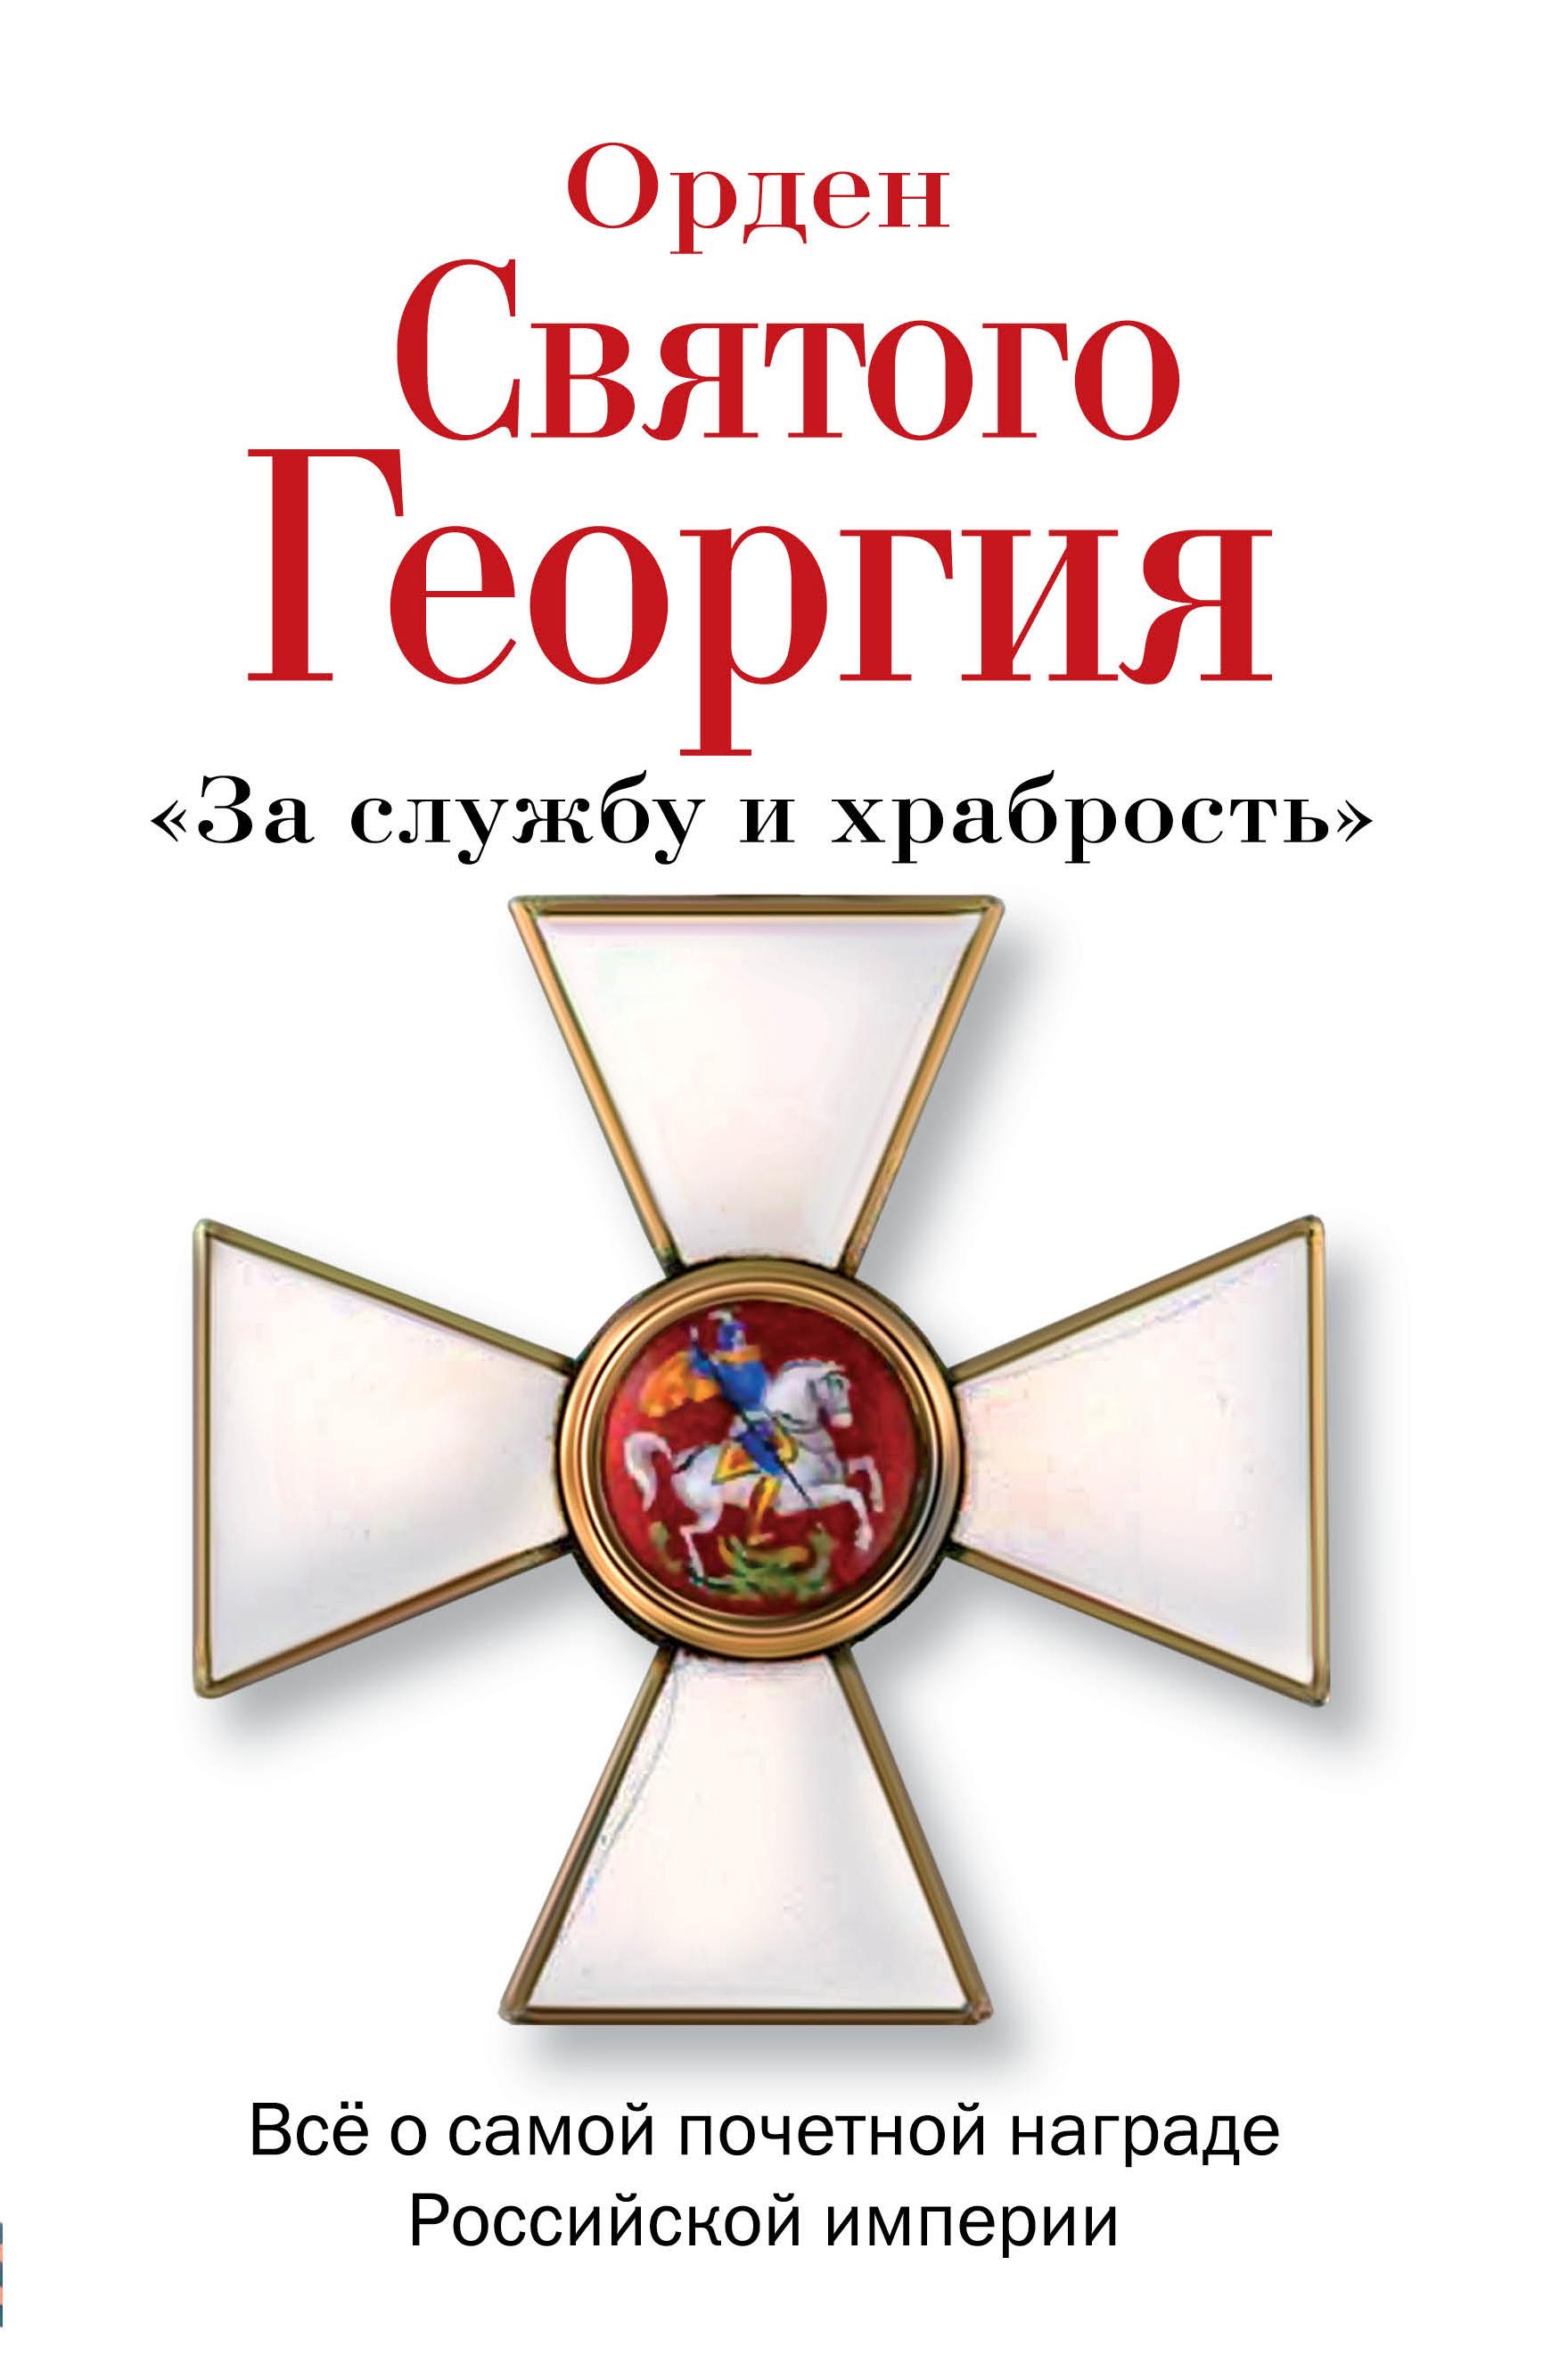 Орден Святого Георгия. Всё о самой почетной награде Российской Империи ( Шишов А.В.  )